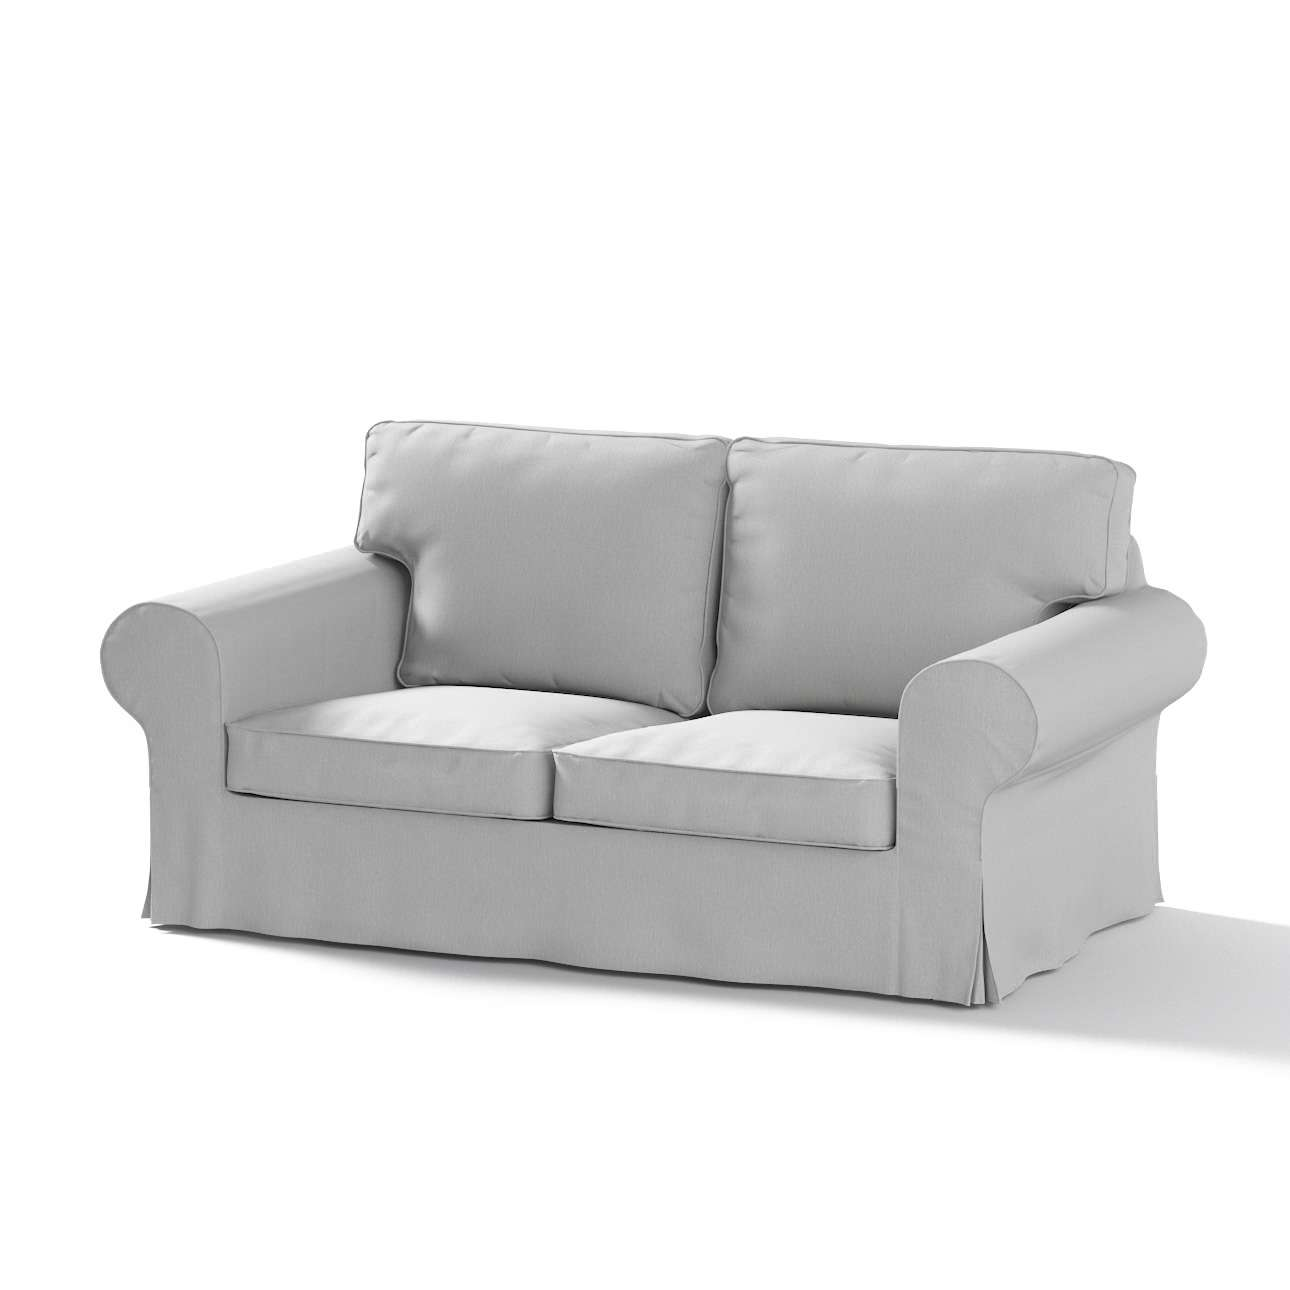 Poťah na sedačku Ektorp (rozkladacia, pre 2 osoby) NOVÝ MODEL 2012 V kolekcii Chenille, tkanina: 702-23